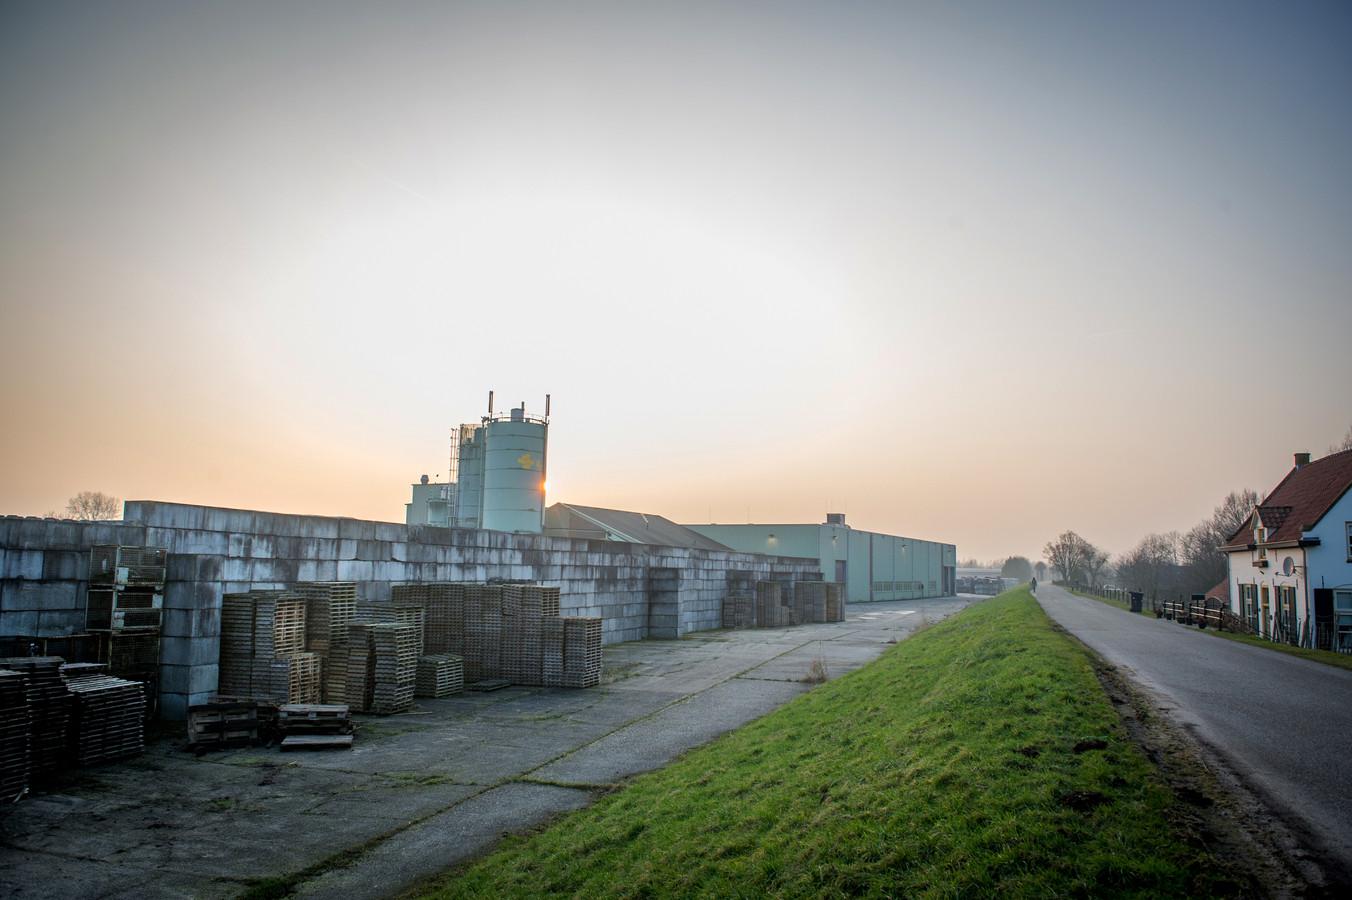 De betonfabriek in Appeltern ligt er al jaren verlaten bij. Het terrein wordt regelmatig genoemd als mogelijke woningbouwlocatie.